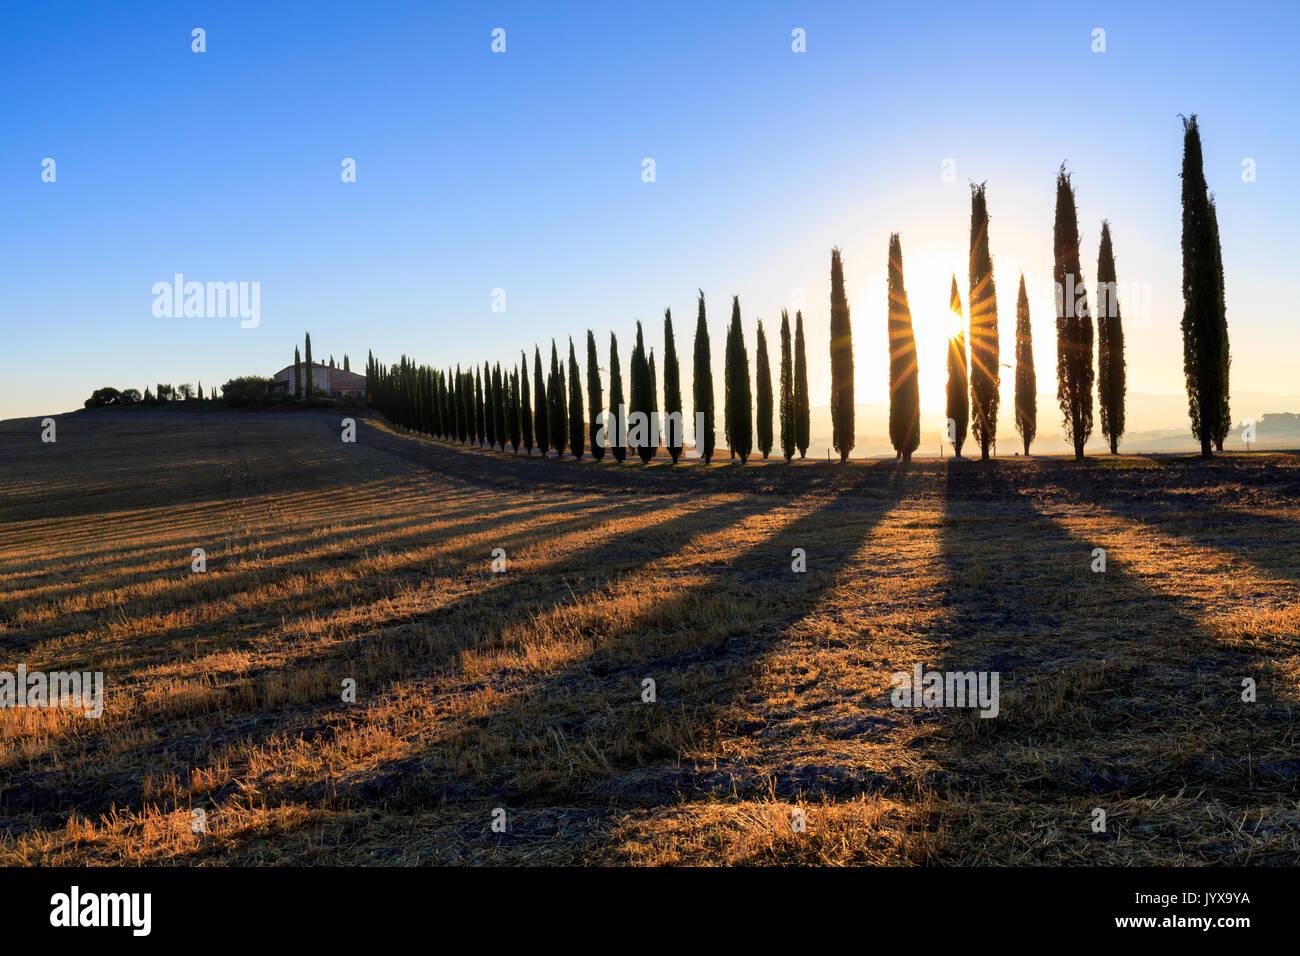 Paysage toscan avec des cyprès et ferme au lever du soleil, l'aube, San Quirico d'Orcia, Val d'Orcia, Toscane, Italie Photo Stock